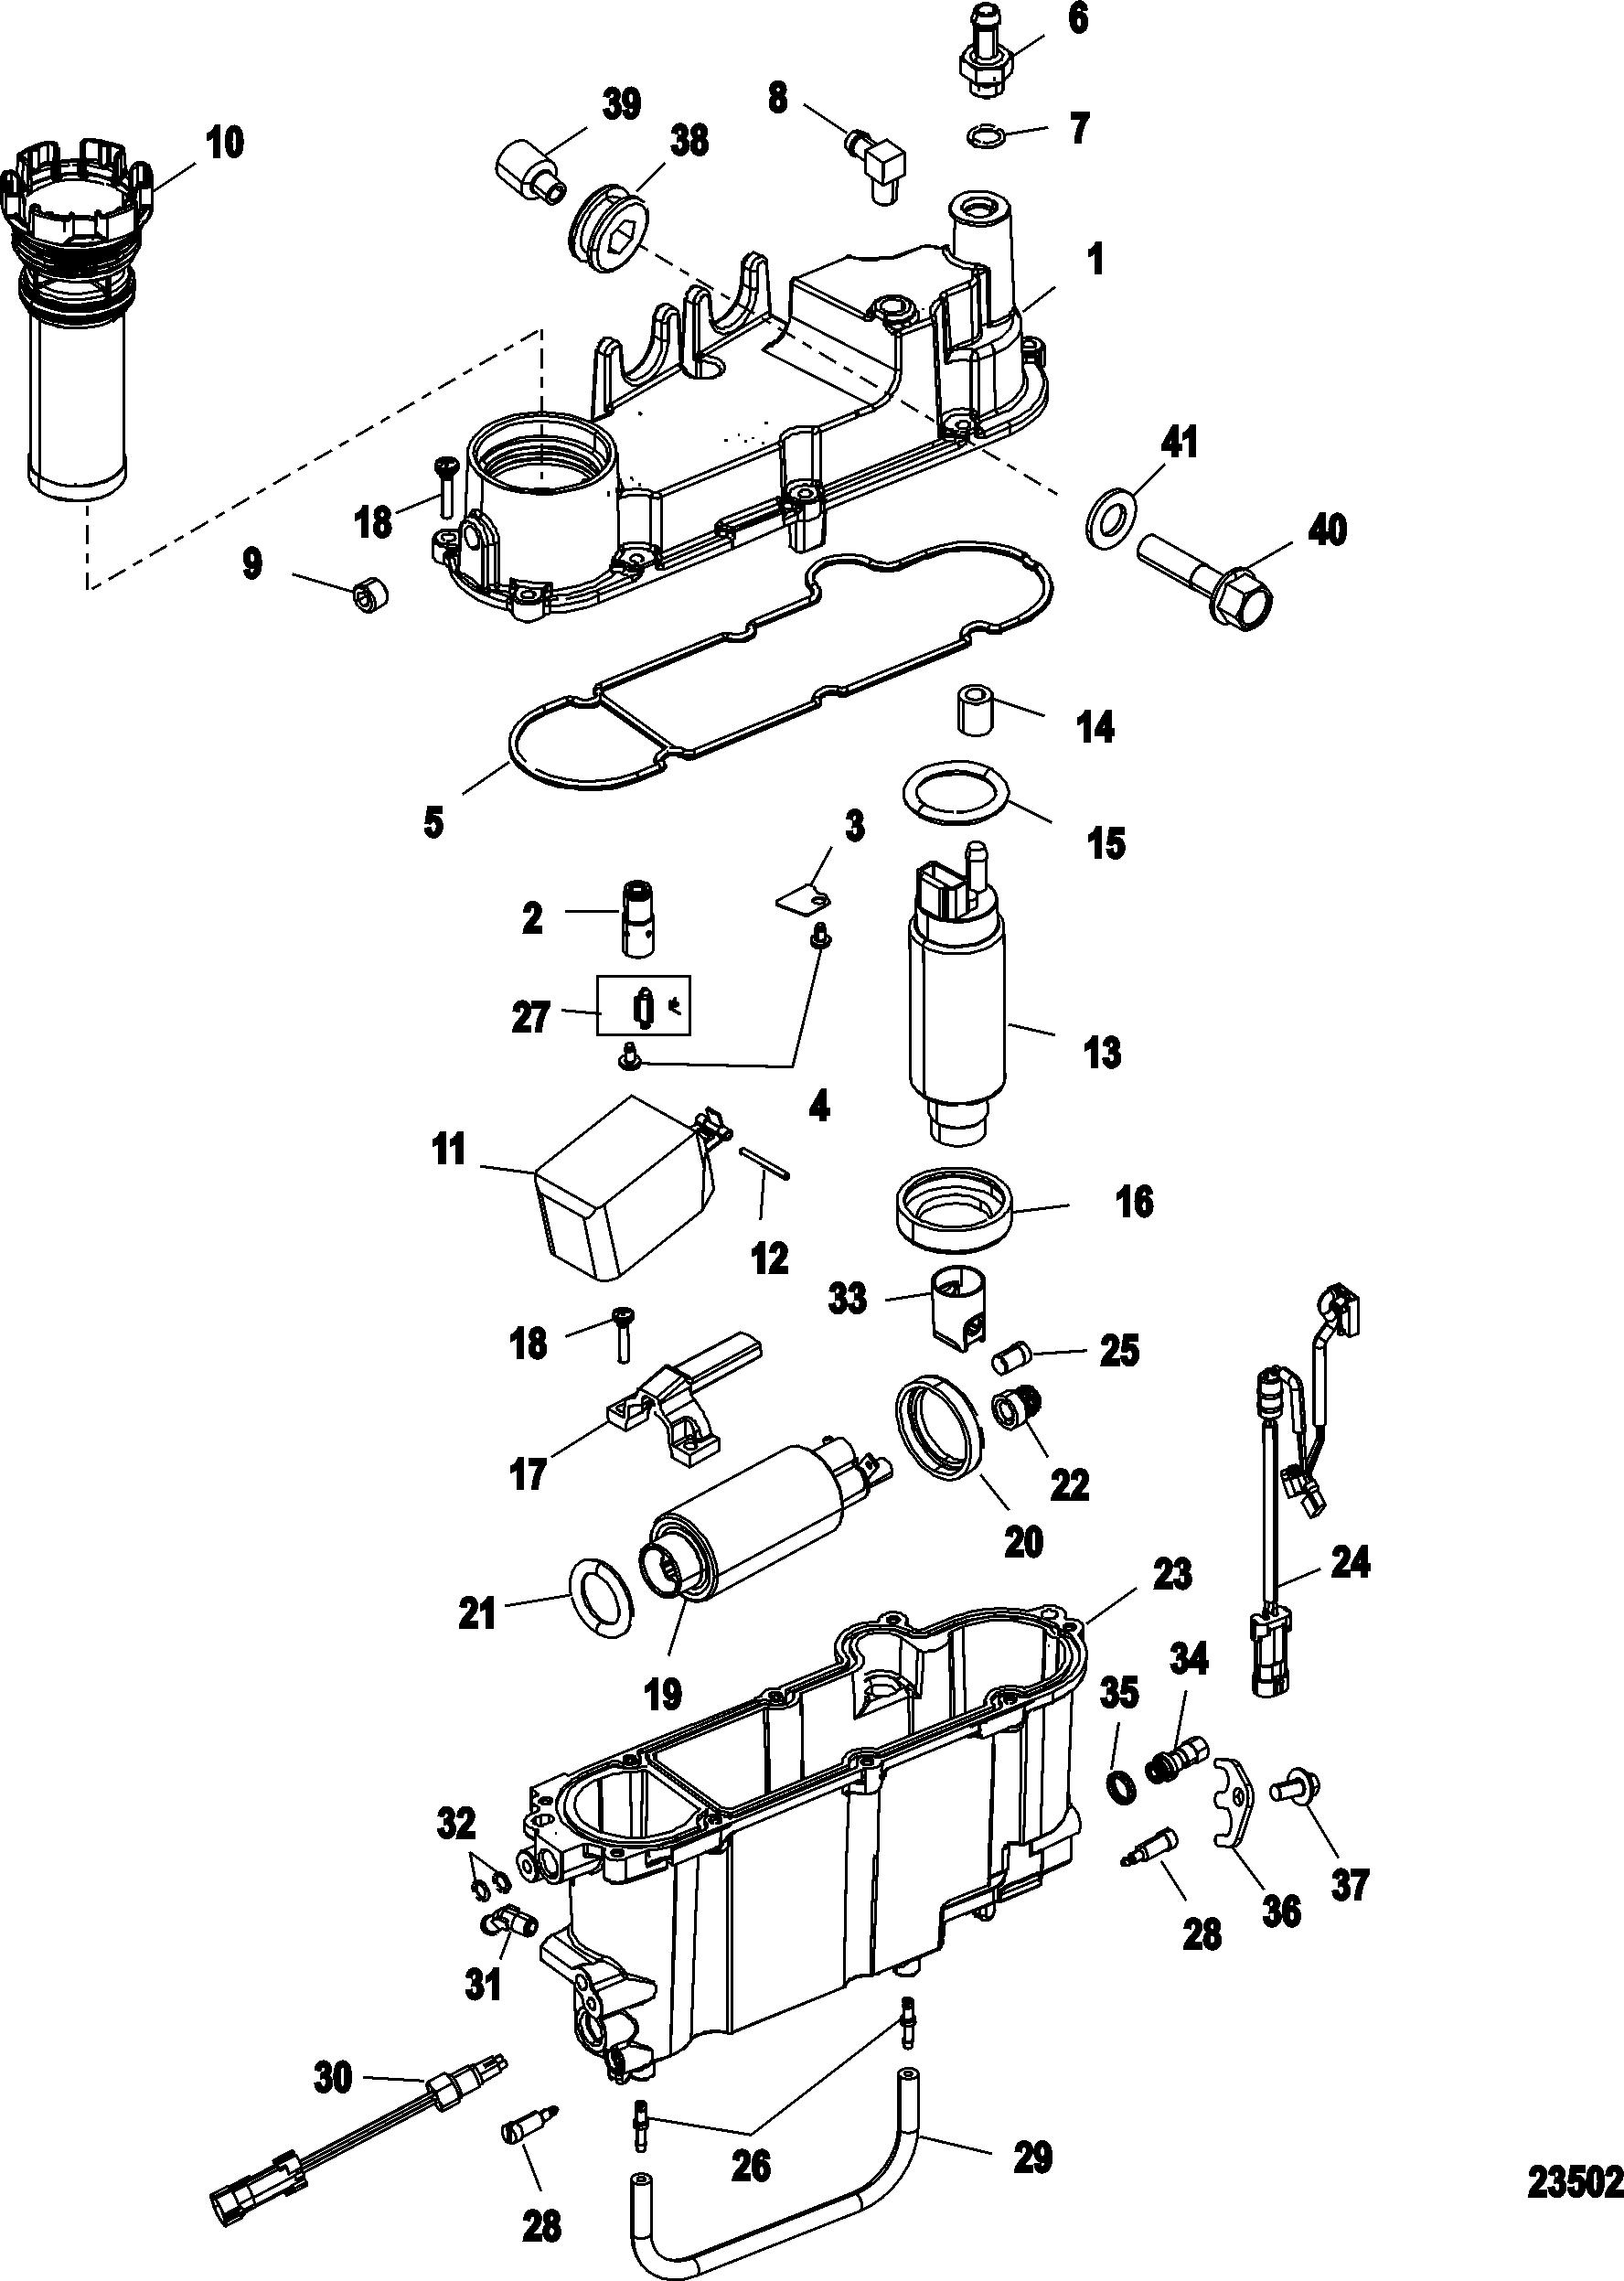 mercury optimax fuel system diagram